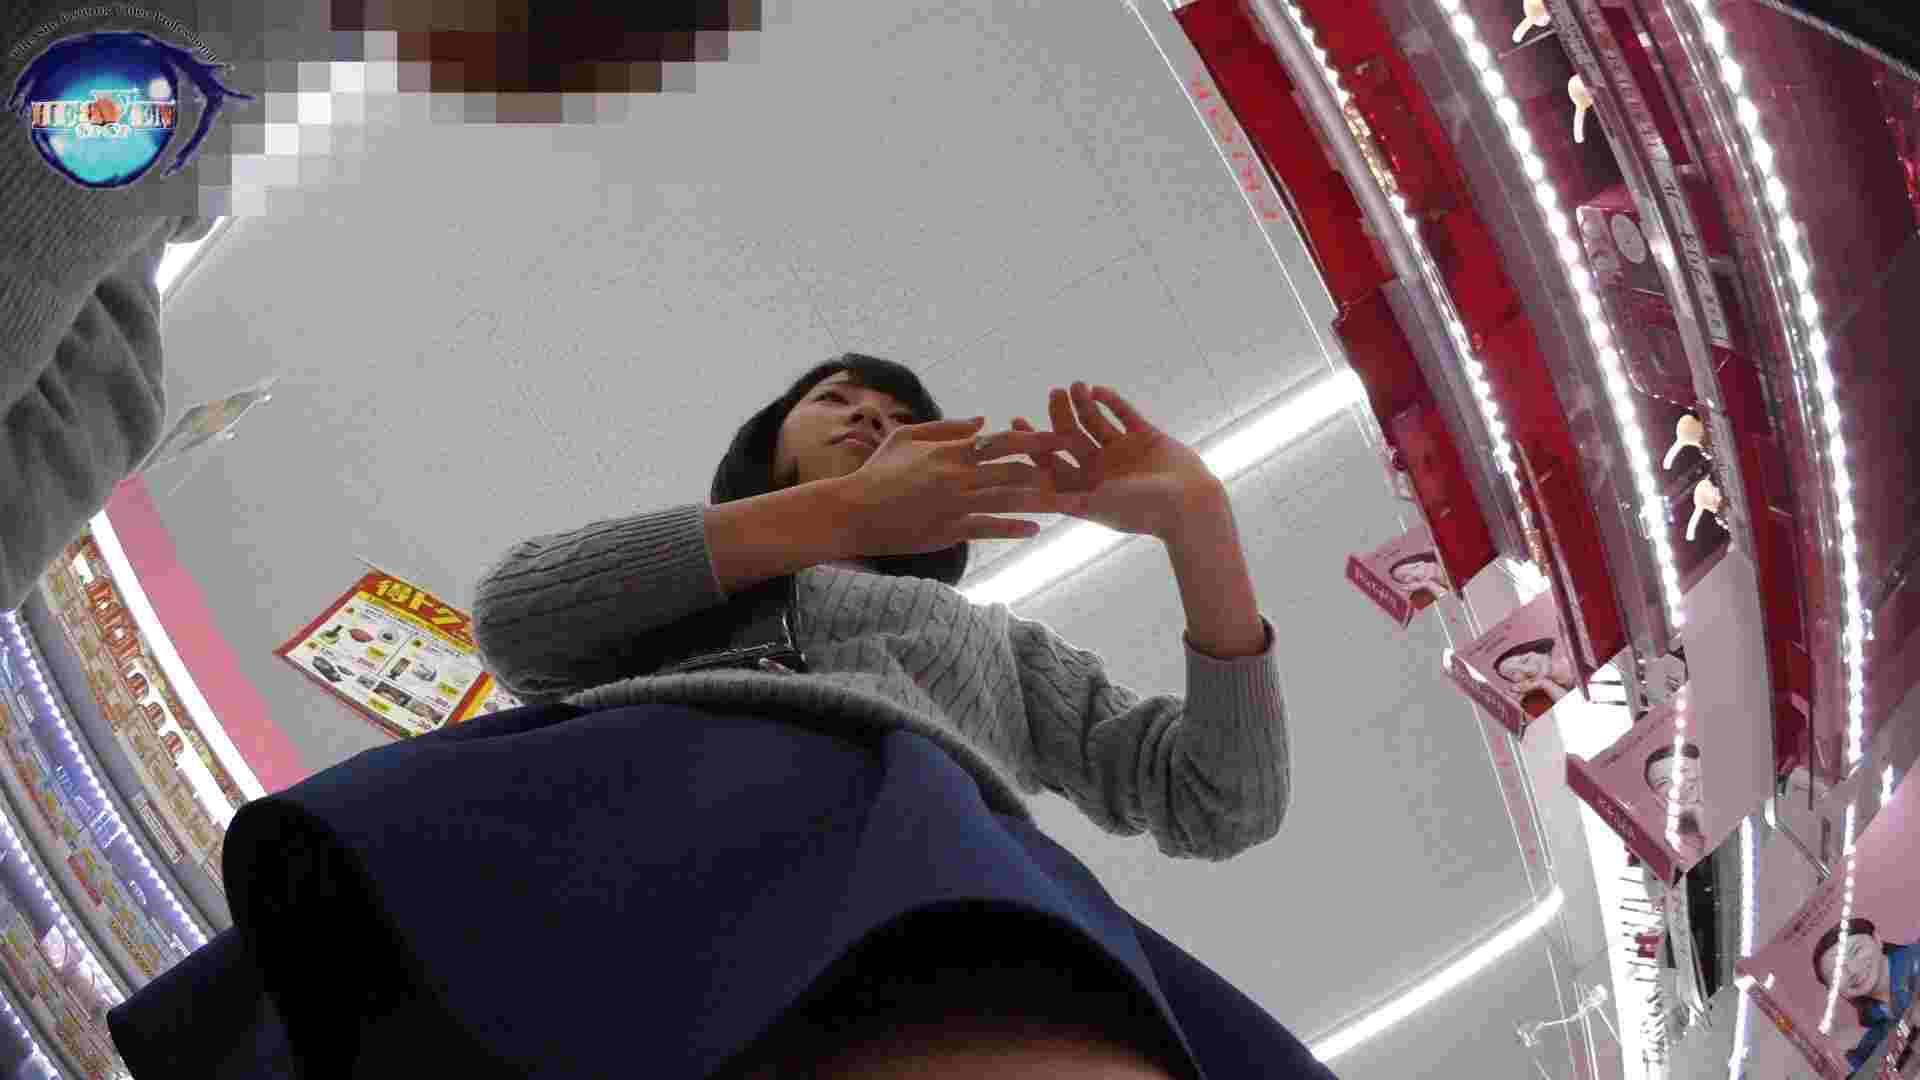 雅さんの独断と偏見で集めた動画 teenパンチラ編vol.5 期間限定 すけべAV動画紹介 79PIX 71